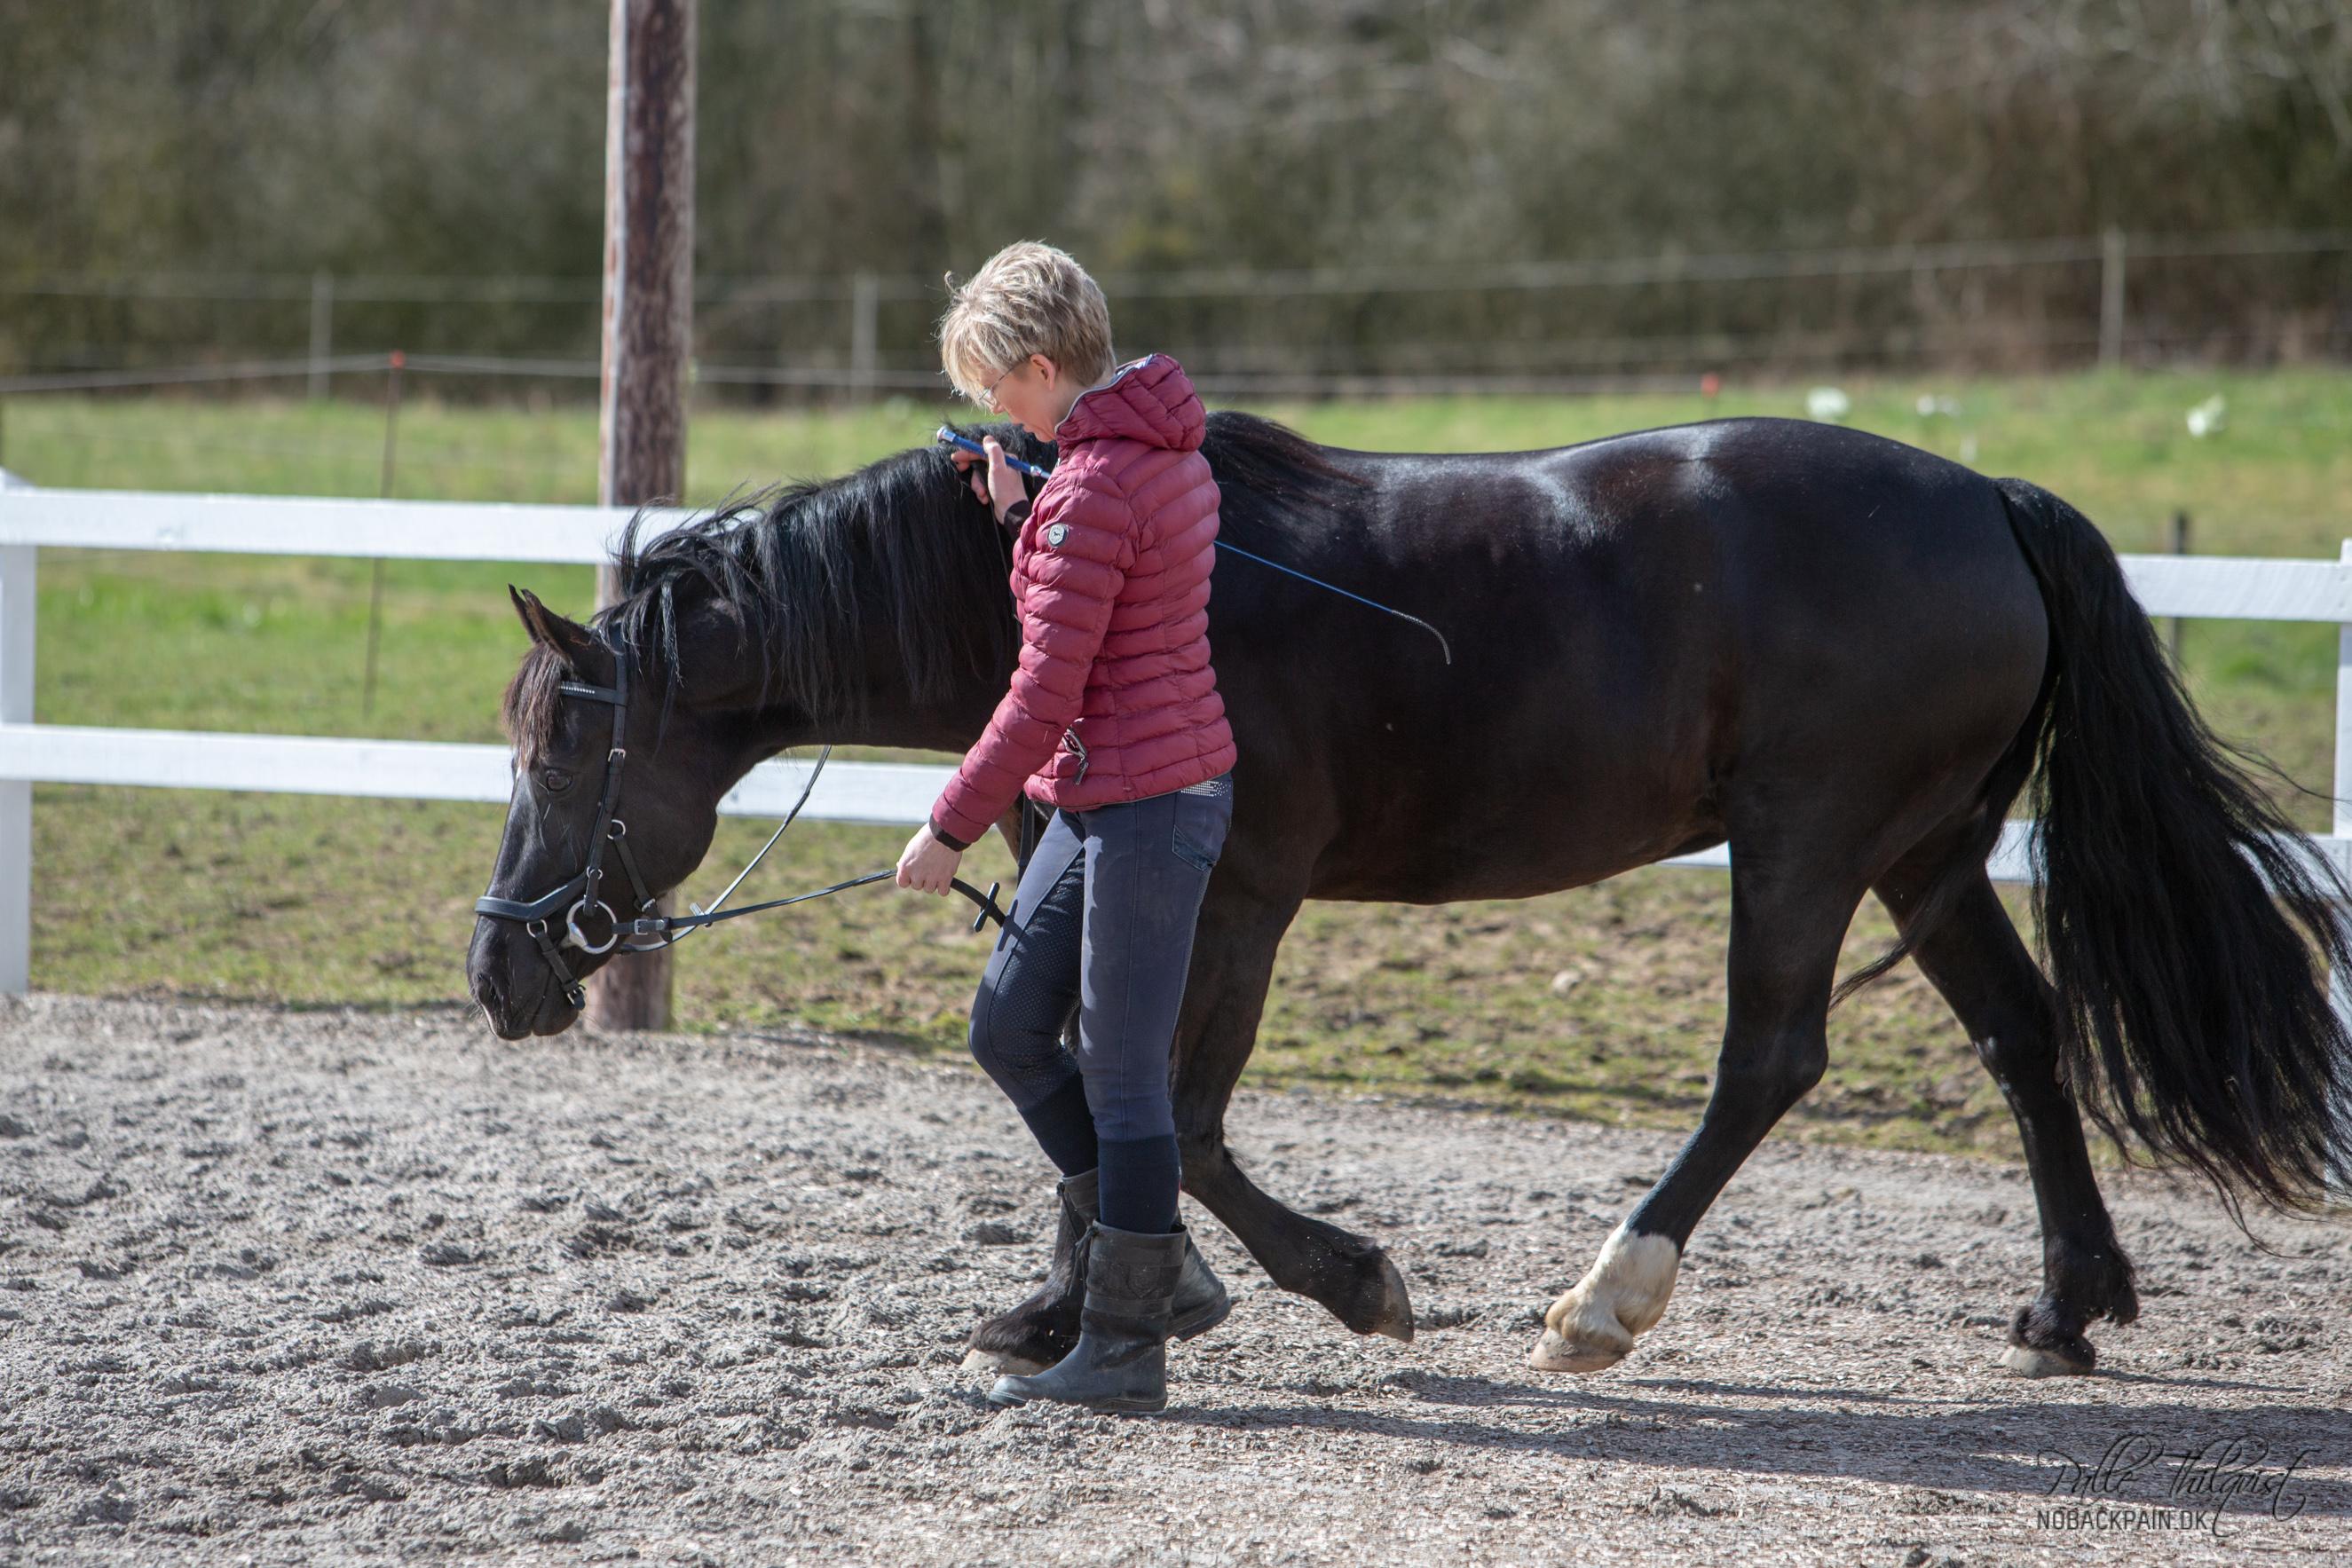 Rowina er en hest der har haft givet sin ejer store problemer i ridningen. Ved første øjekast ser Rowina jo fin og stærk ud. Men prøv at lægge mærke til hvordan ryggen hænger lidt, i det område hvor den bagerste del af sadlen ville hvile. Når en rytter sætter sig op vil ryggen sænkes endnu mere i dette område. Det vil da blive meget svært for Rowina at bevæge sig komfortabelt. Specielt hvis hun samtidig bliver bedt om at gå i en højere holdning. Rowina skal lære at bevæge sig frem med en løftet ryg. Dette opnåes ved at træne hende fra jorden, mens hun strækker sig dybt og bevæger sig aktivt frem. Når hun kan dette, så kan ridningen påbegyndes.